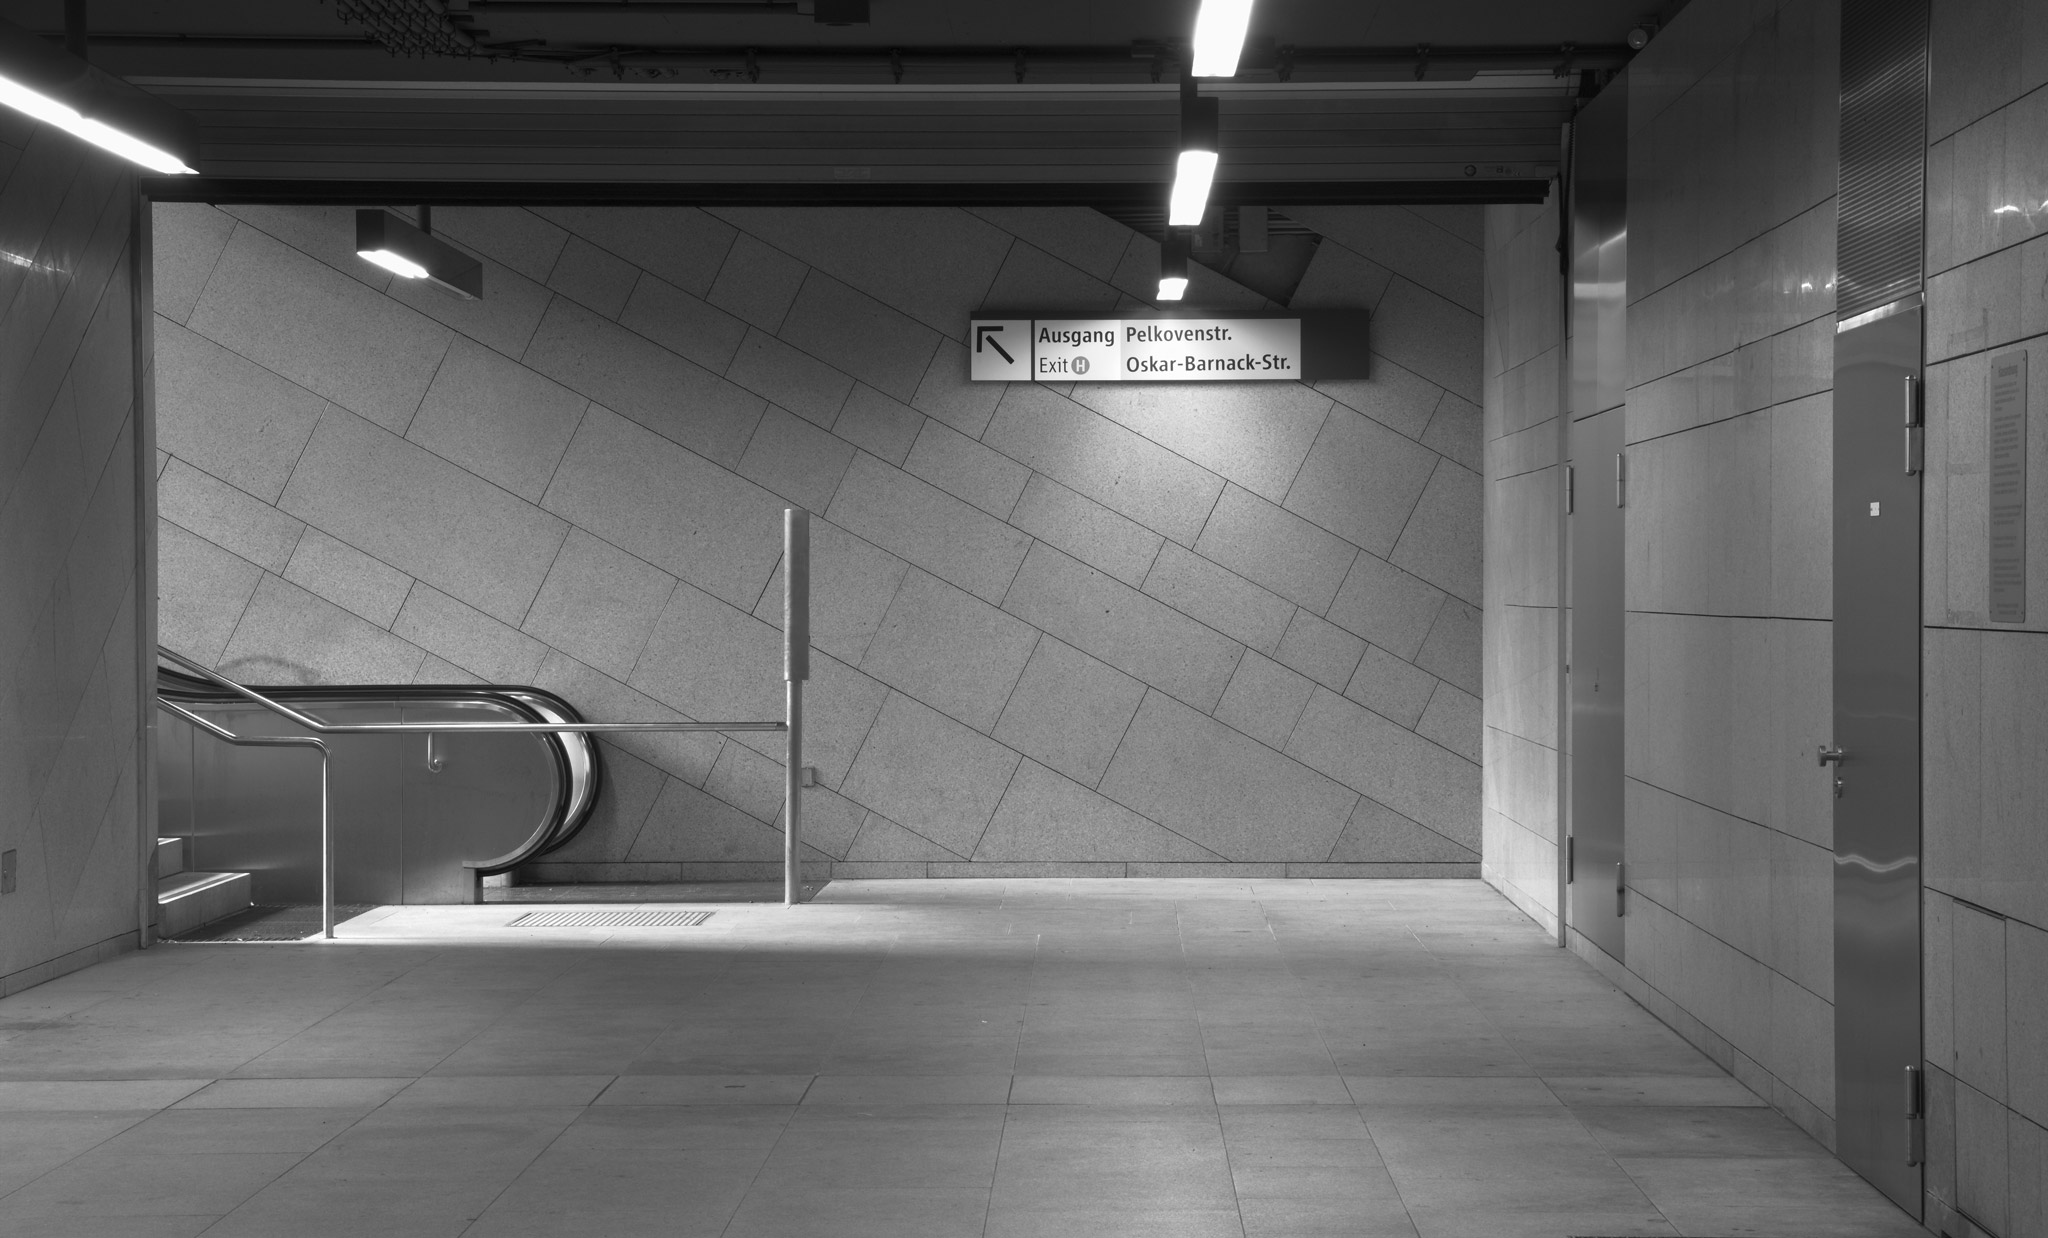 Lichtschacht (Foto: Alois Komenda)